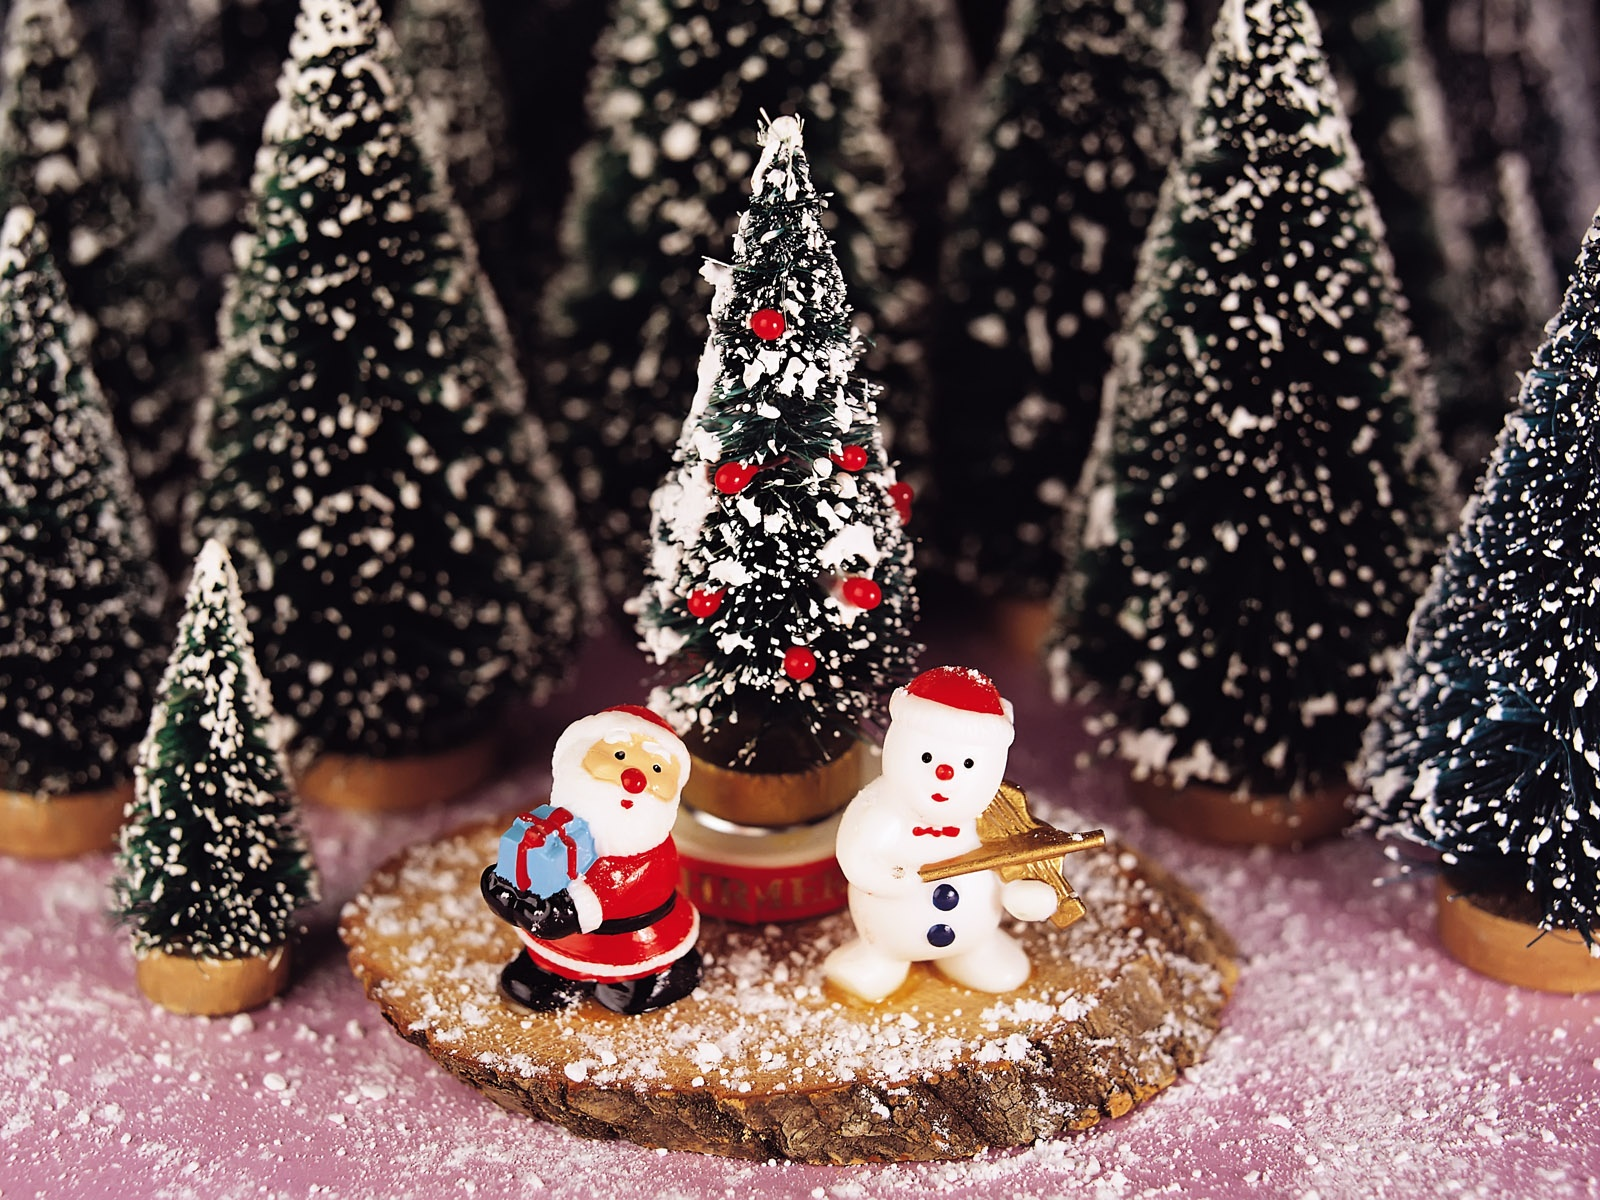 christmas wallpaper hd,christmas tree,christmas decoration,christmas ornament,christmas,tree